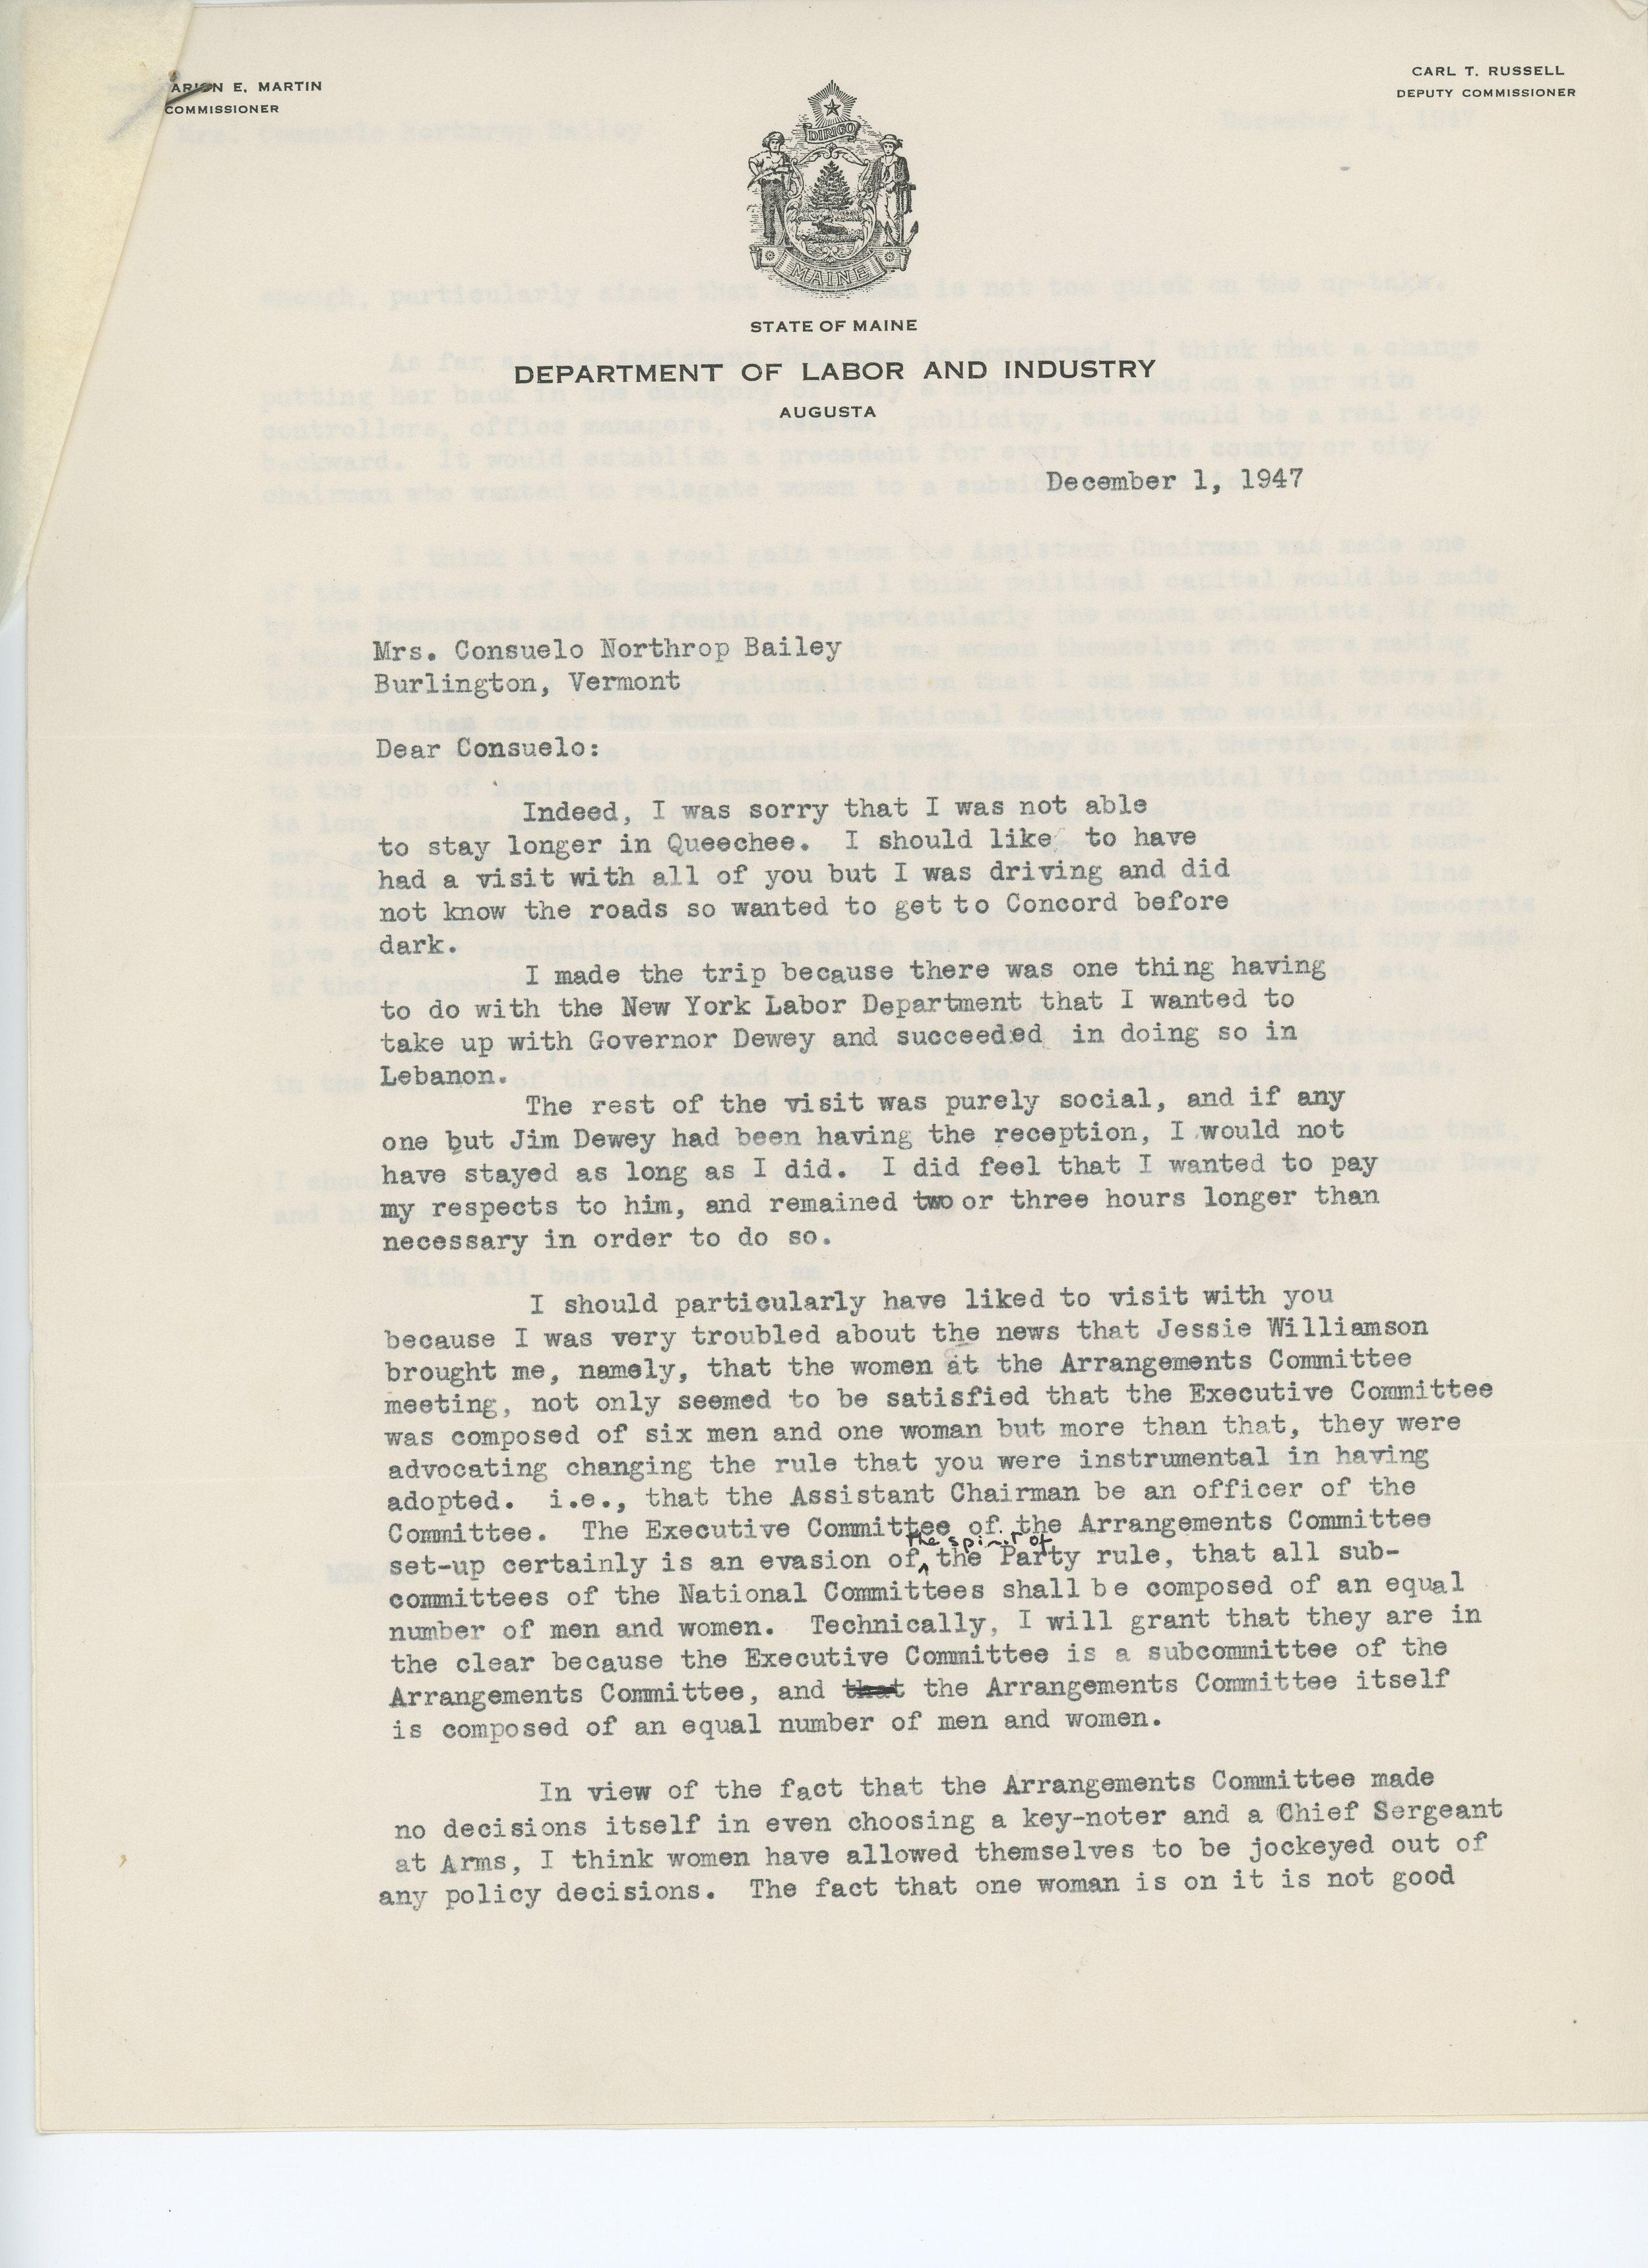 Marion E. Martin to Consuelo N. Bailey 1947 December 1